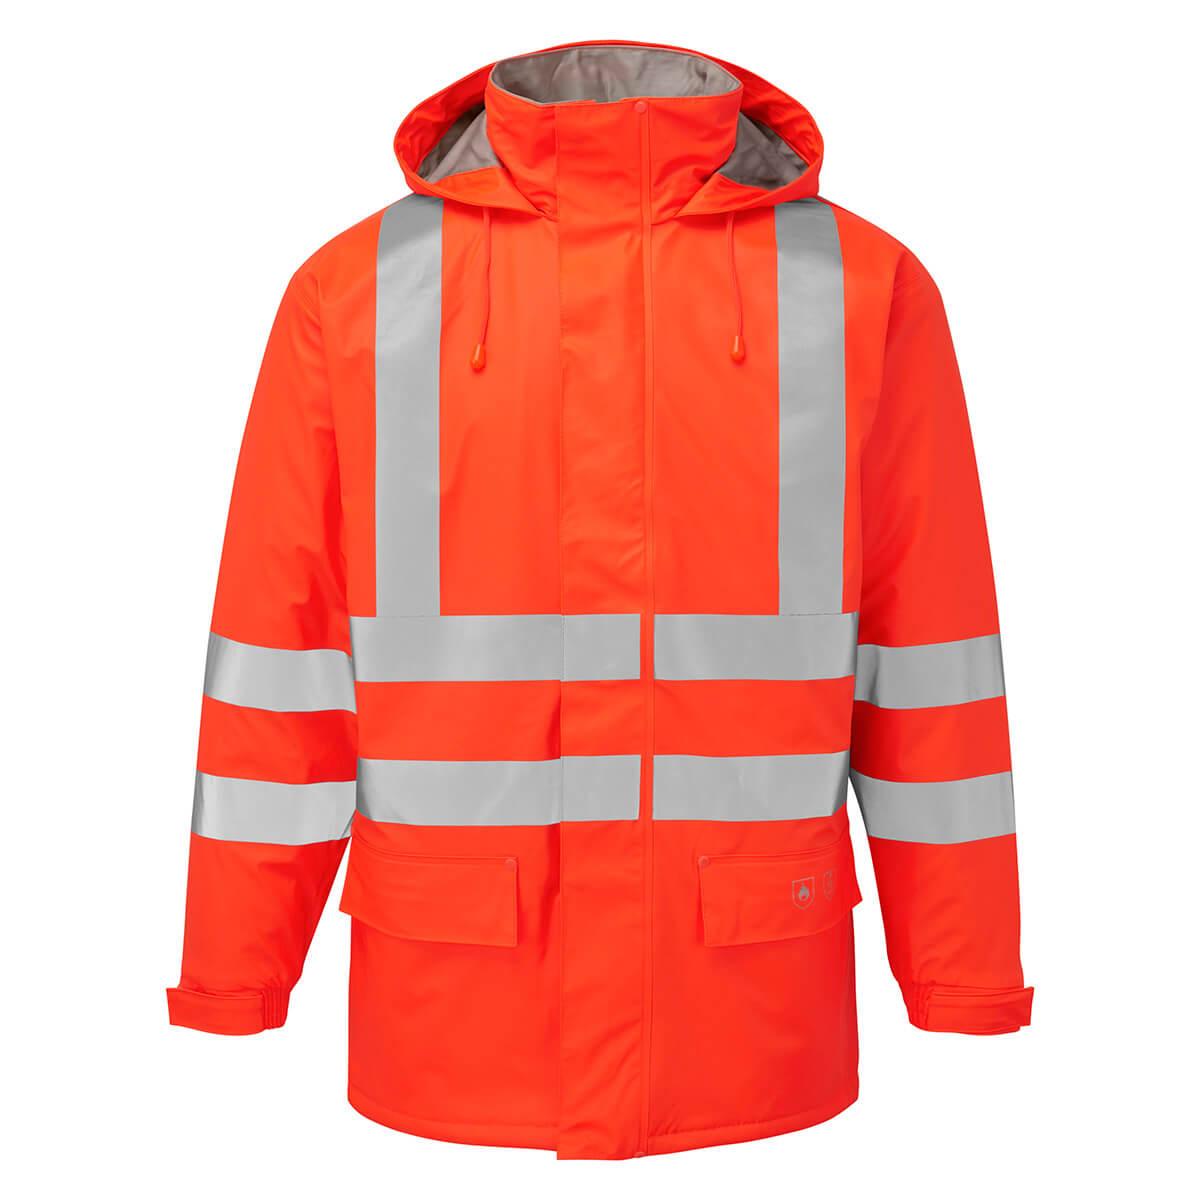 Flametherm FR Storm Jacket